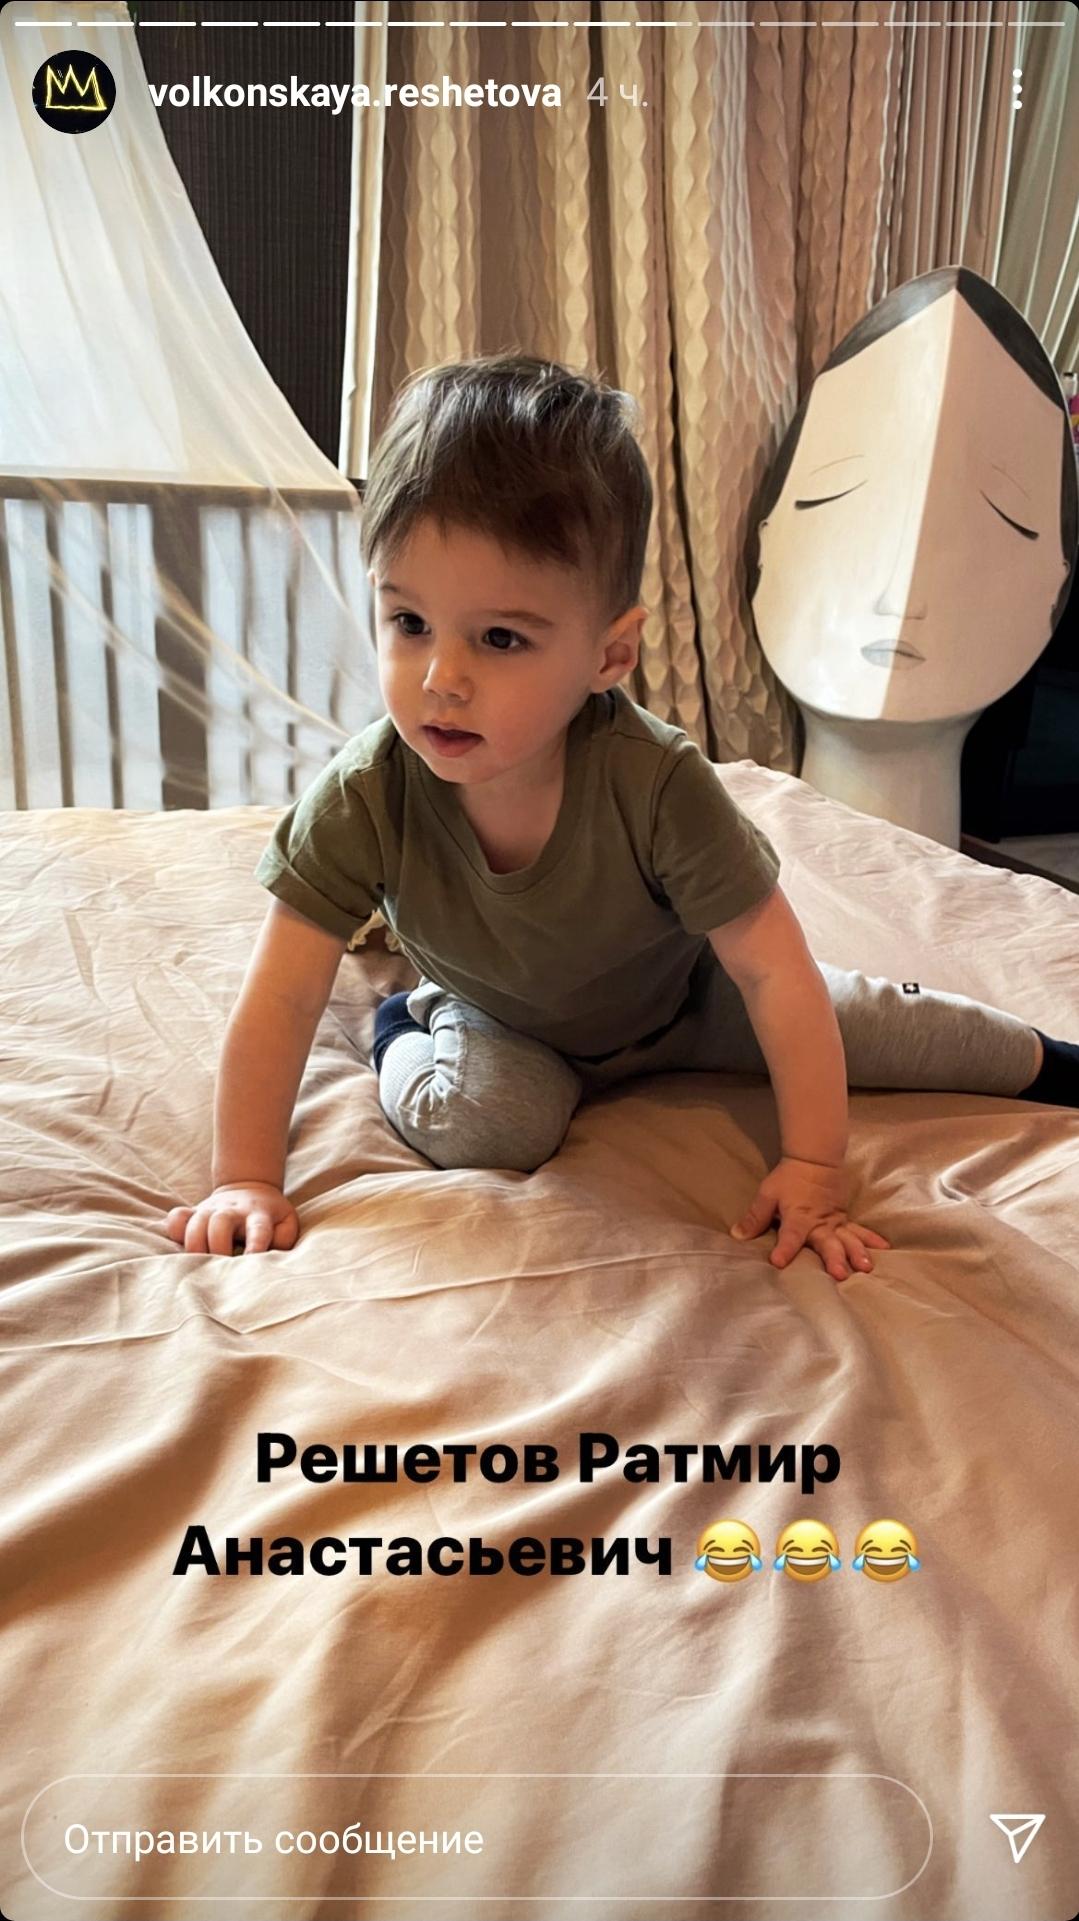 Анастасия Решетова изменила сыну Ратмиру фамилию и отчество, переделав его на матчество